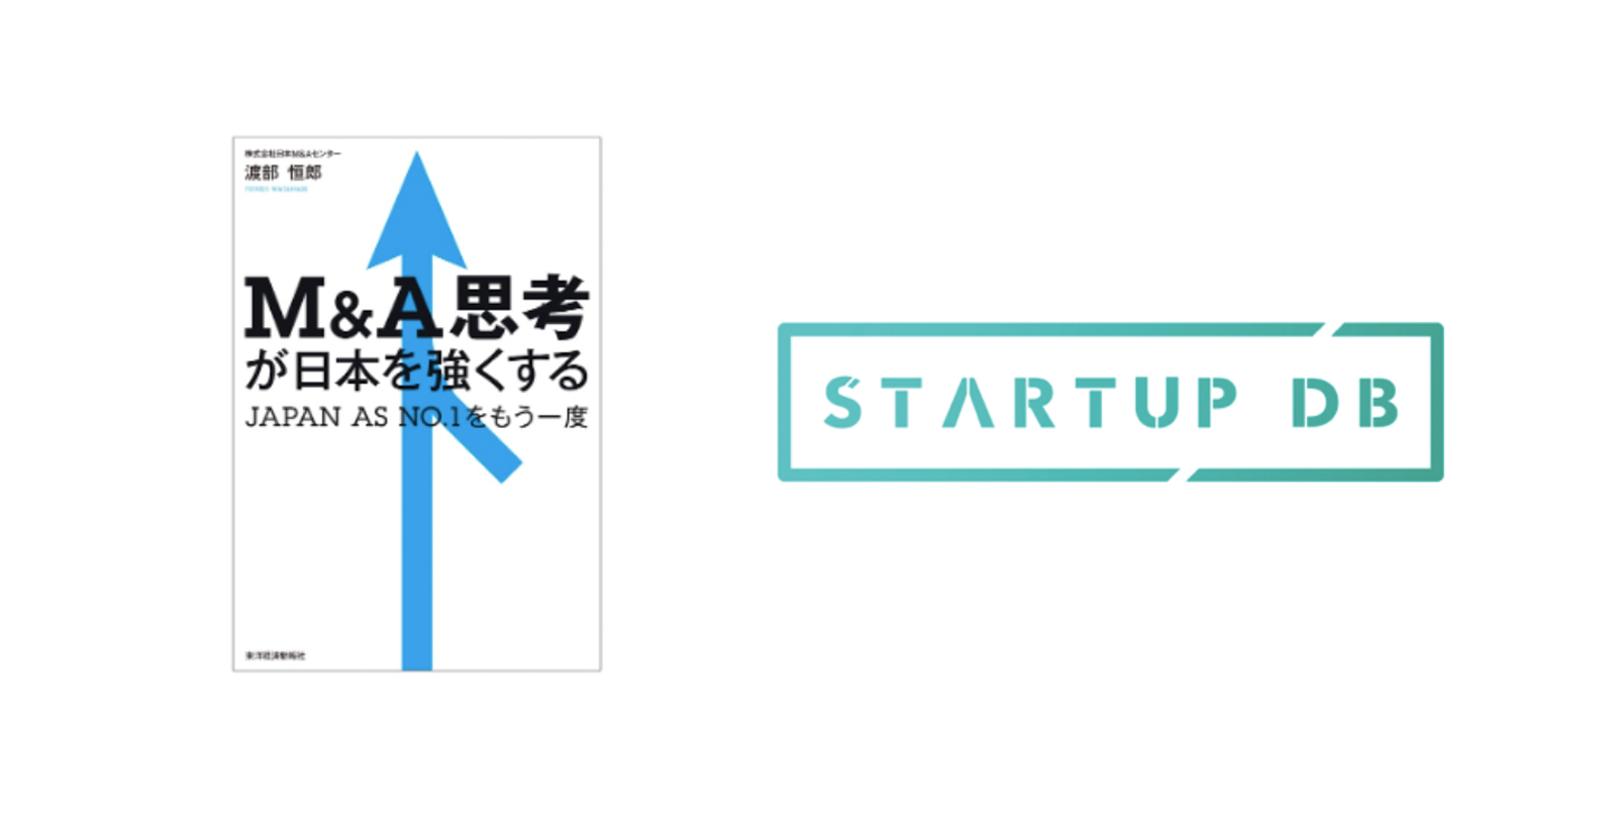 STARTUP DB、東洋経済新報社『M&A思考が日本を強くする: JAPAN AS NO.1をもう一度』にデータ提供協力